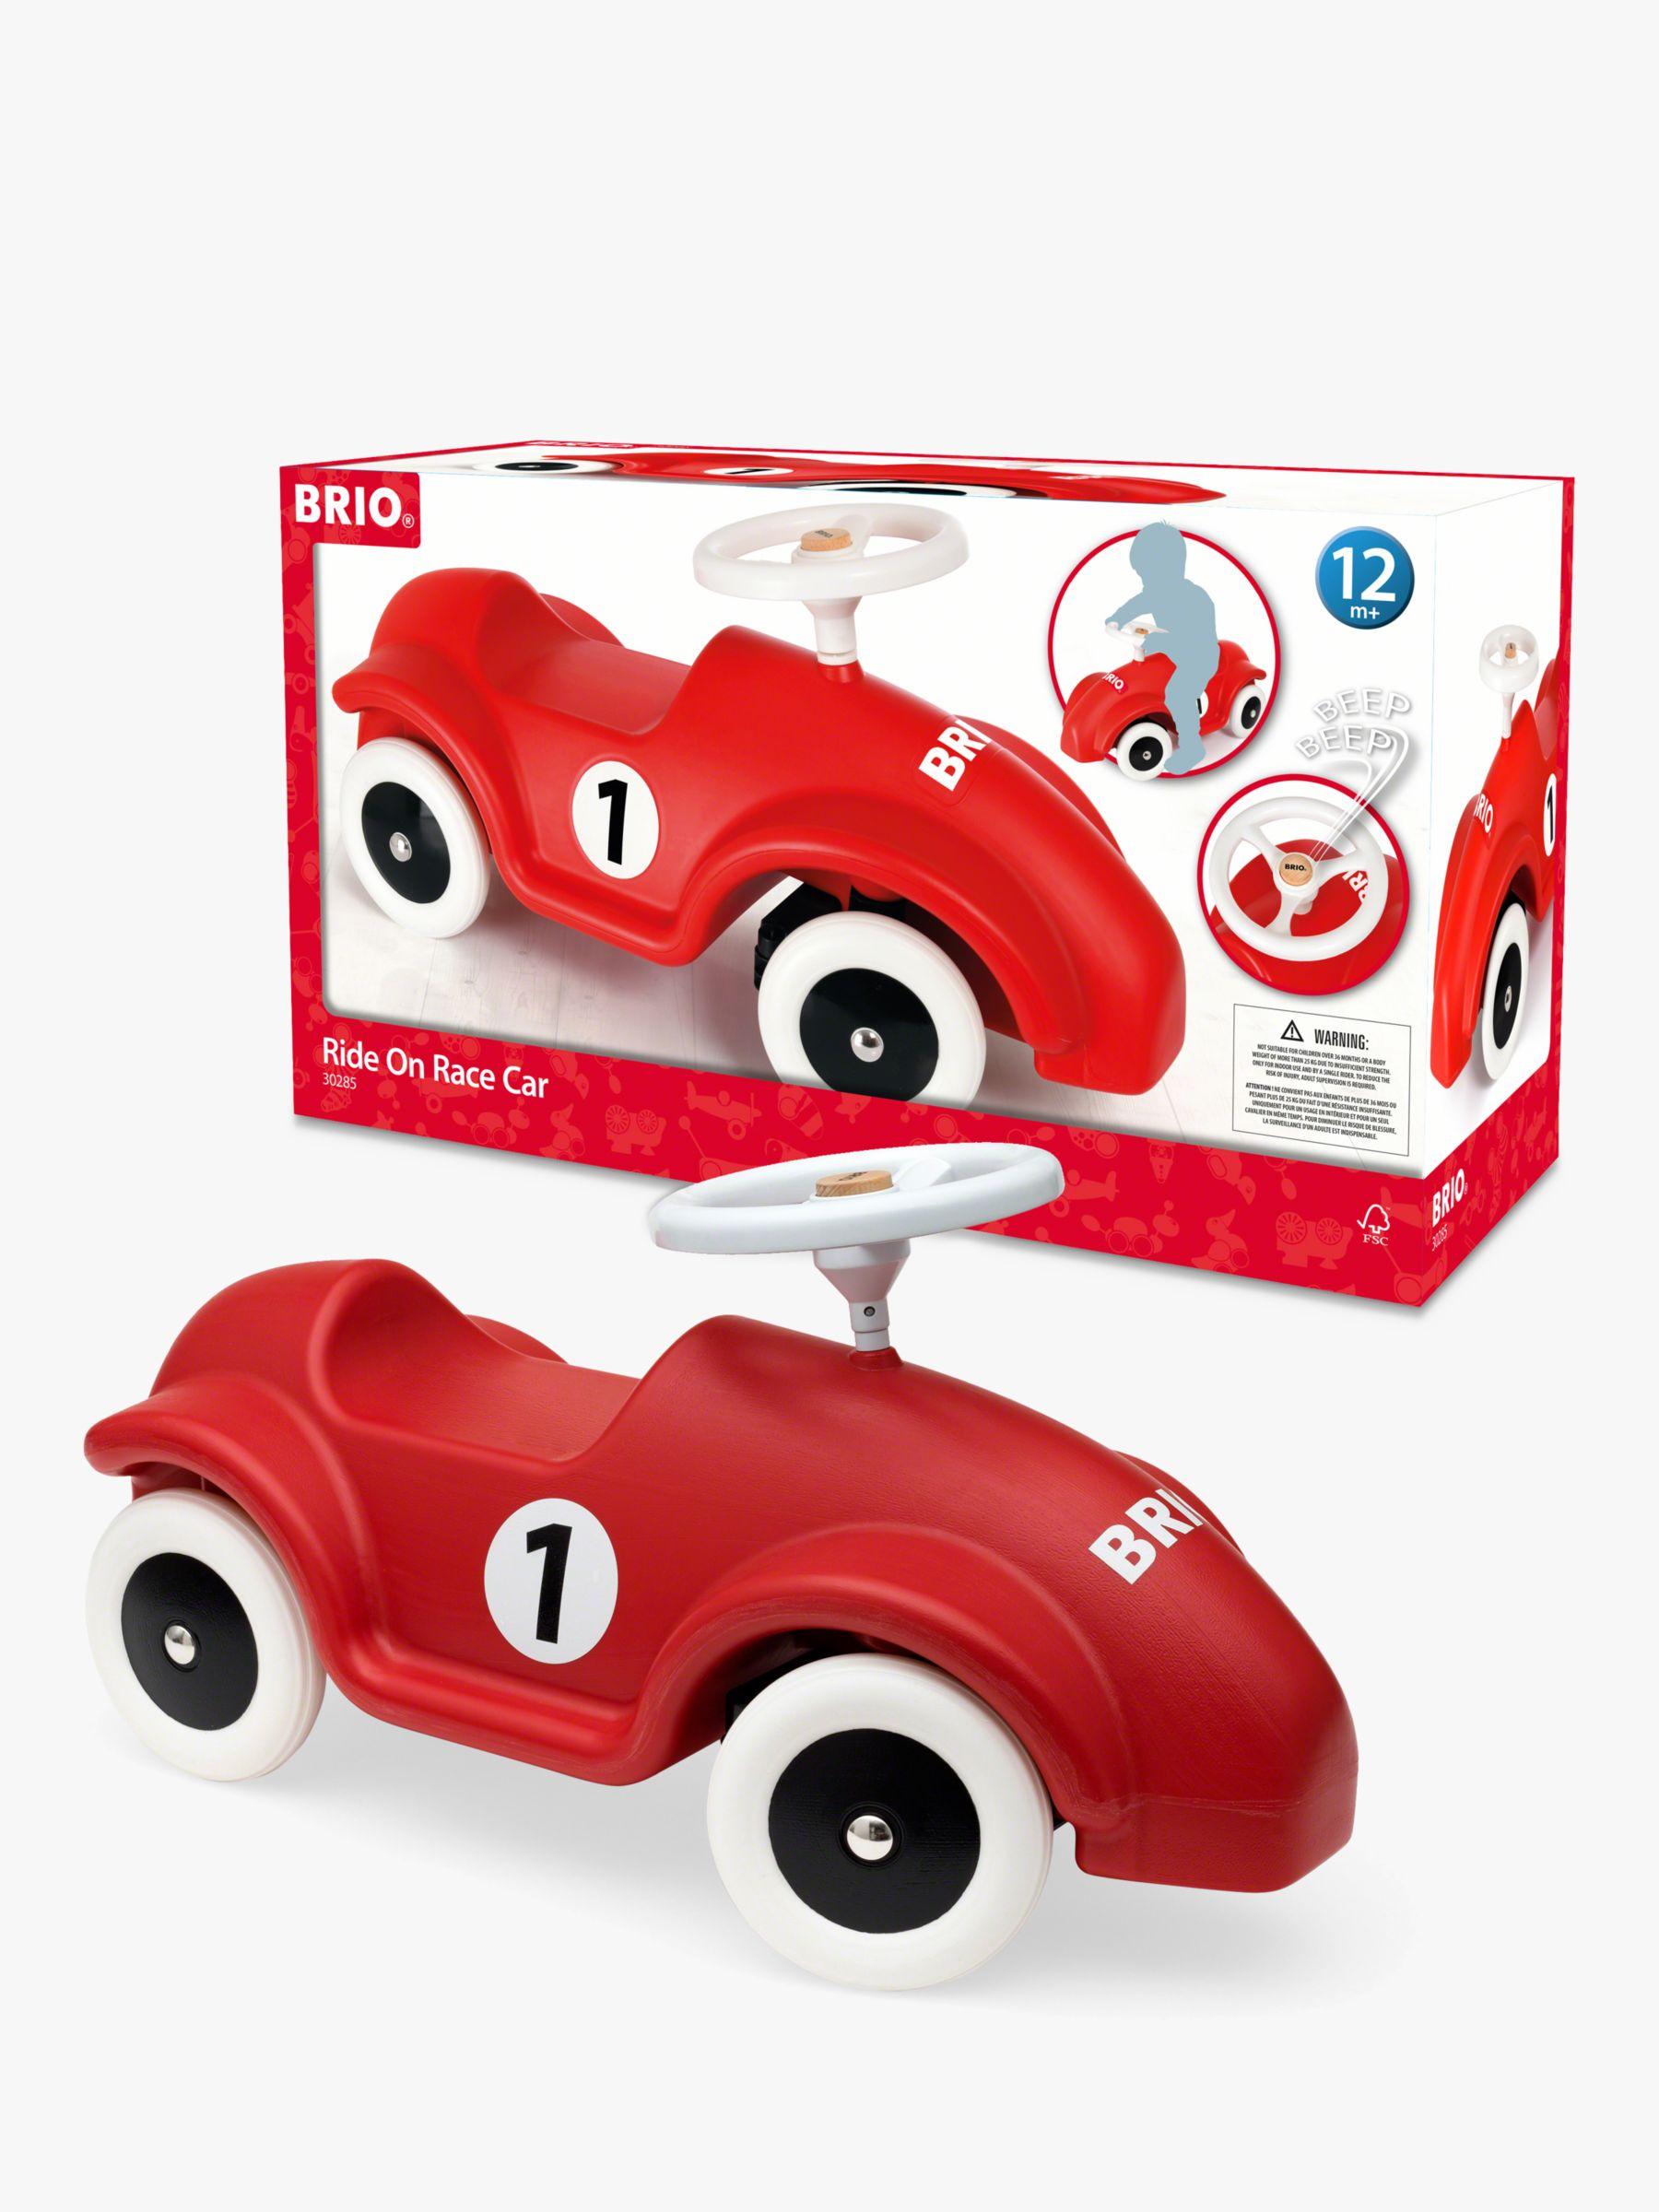 BRIO BRIO Ride On Race Car